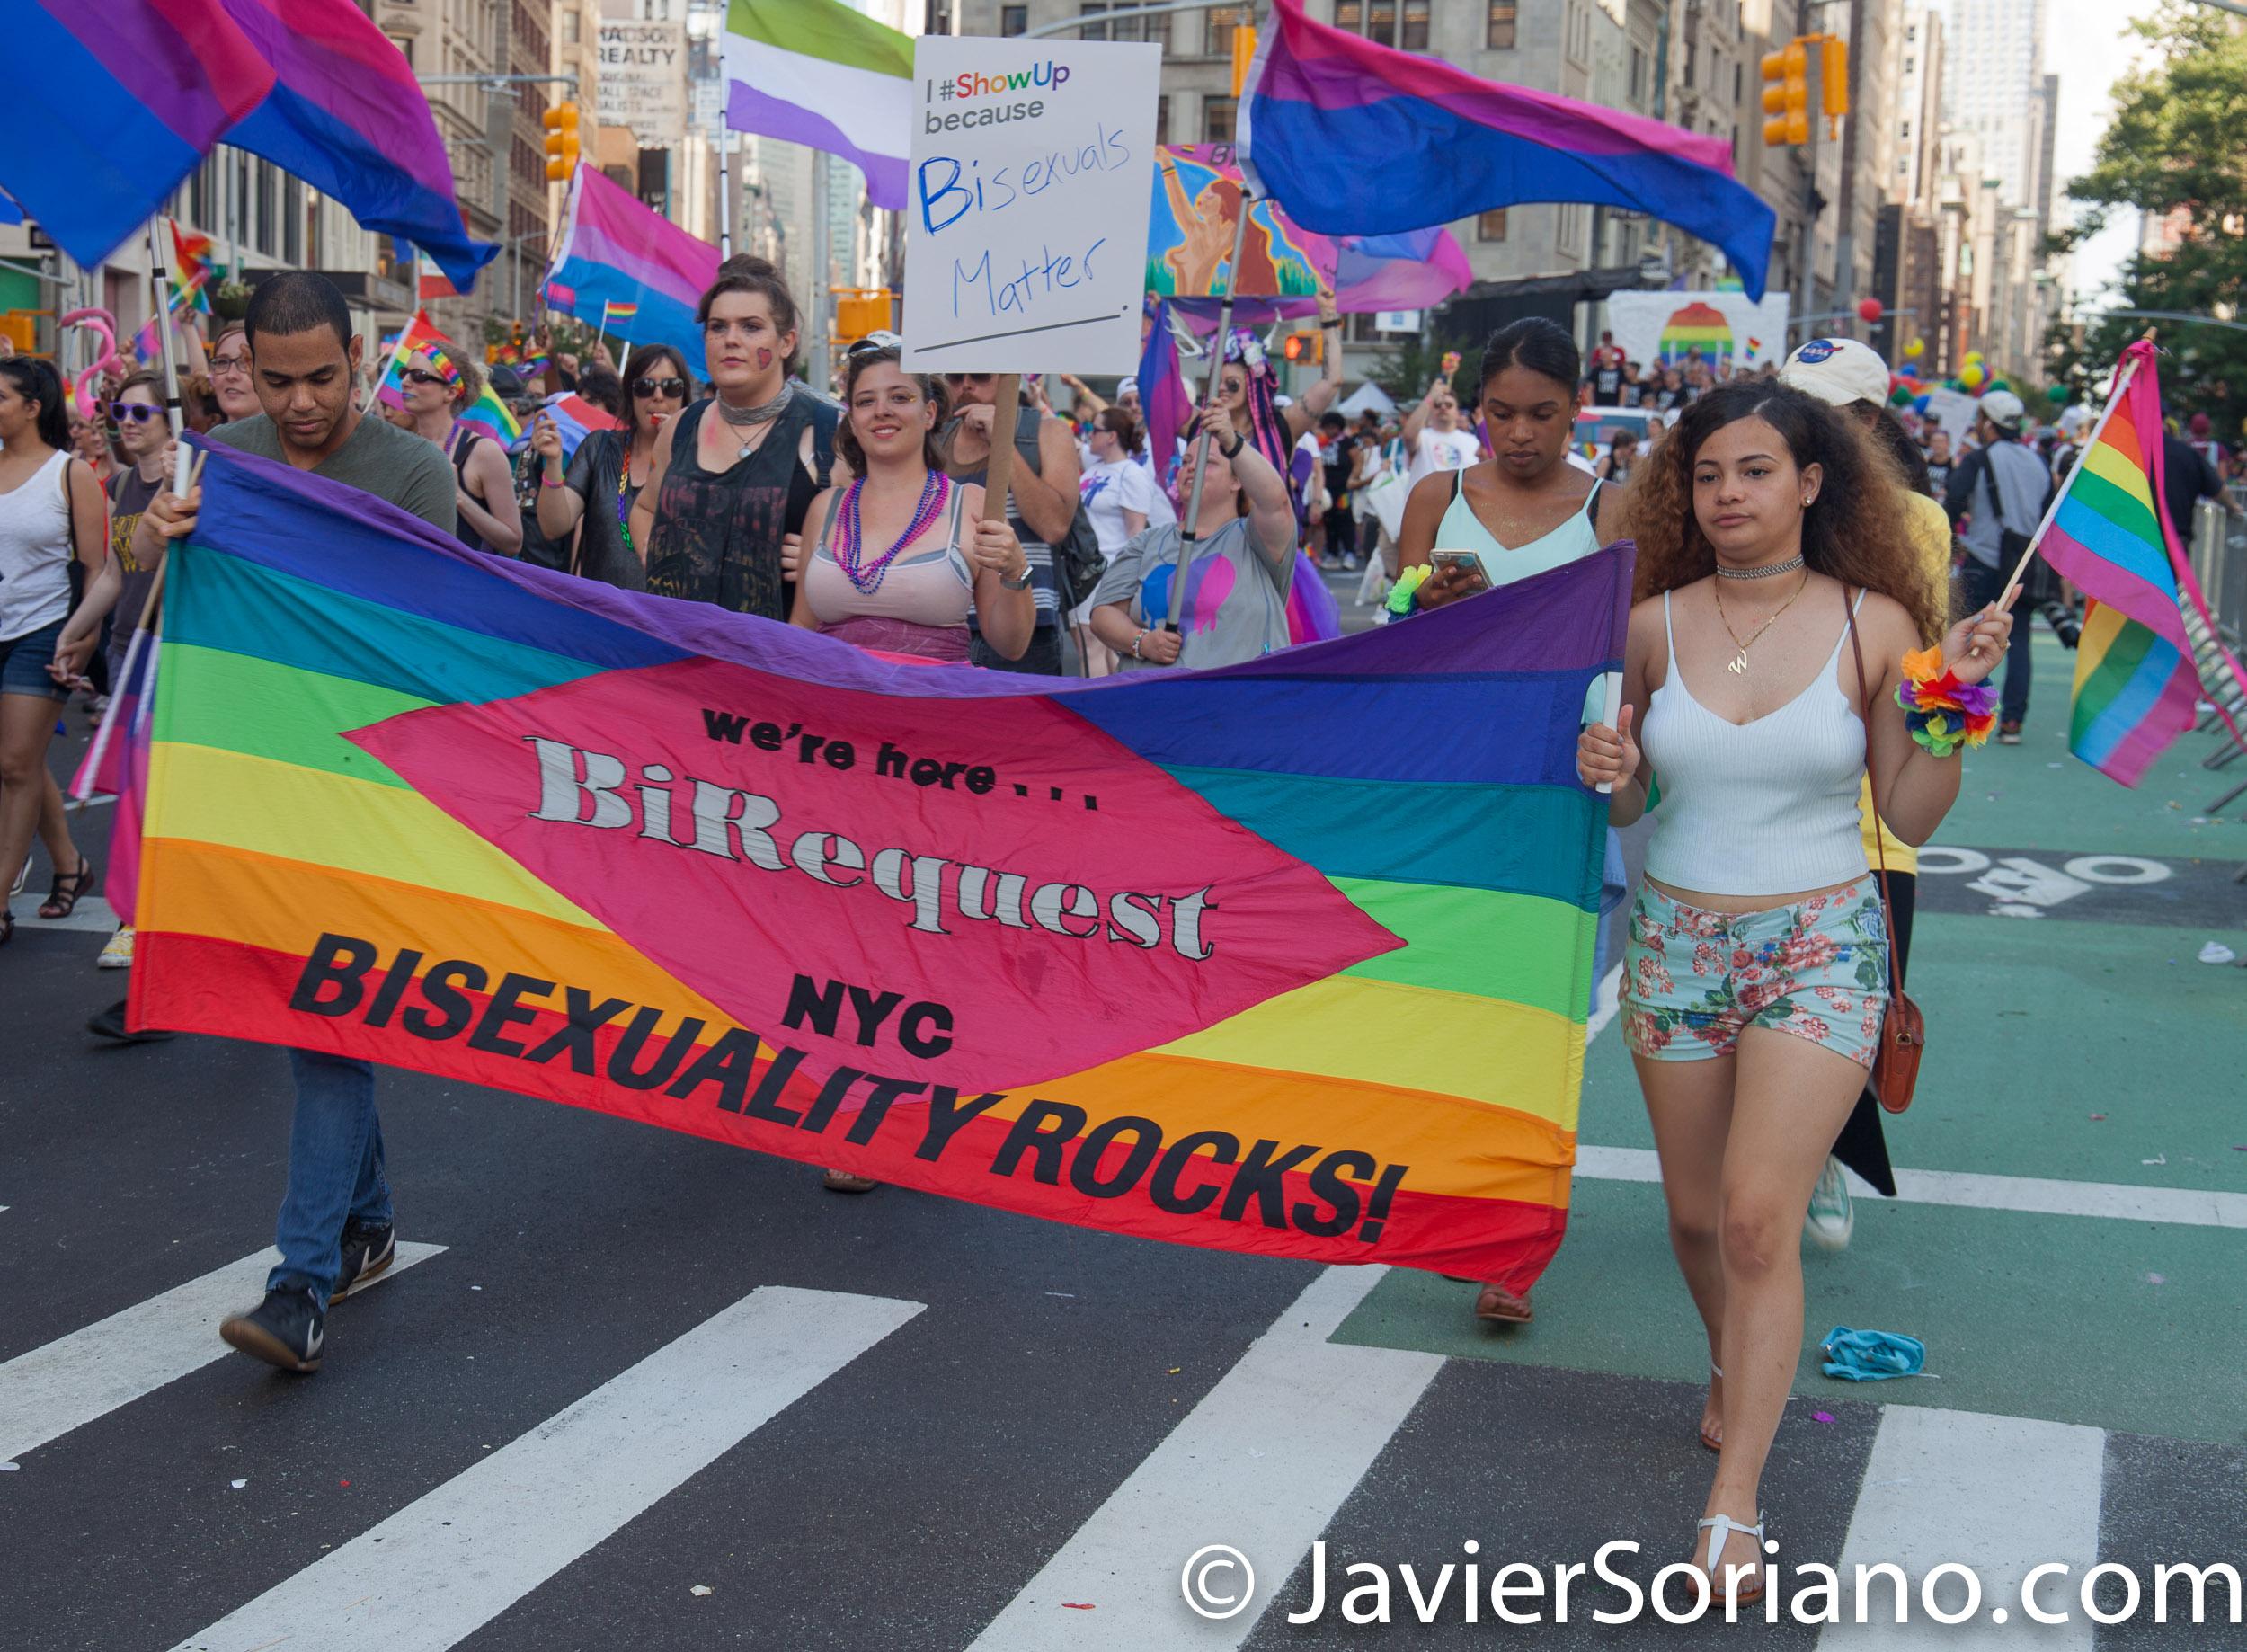 """25/6/2017 Manhattan, Nueva York - Marcha del Orgullo LGBTQ 2017. """"We are here... BiRequest."""" """"Bisexuality Rocks!"""" (""""Estamos aquí ... BiRequest."""" """"¡La bisexualidad es fenomenal!"""" Foto por Javier Soriano/www.JavierSoriano.com"""